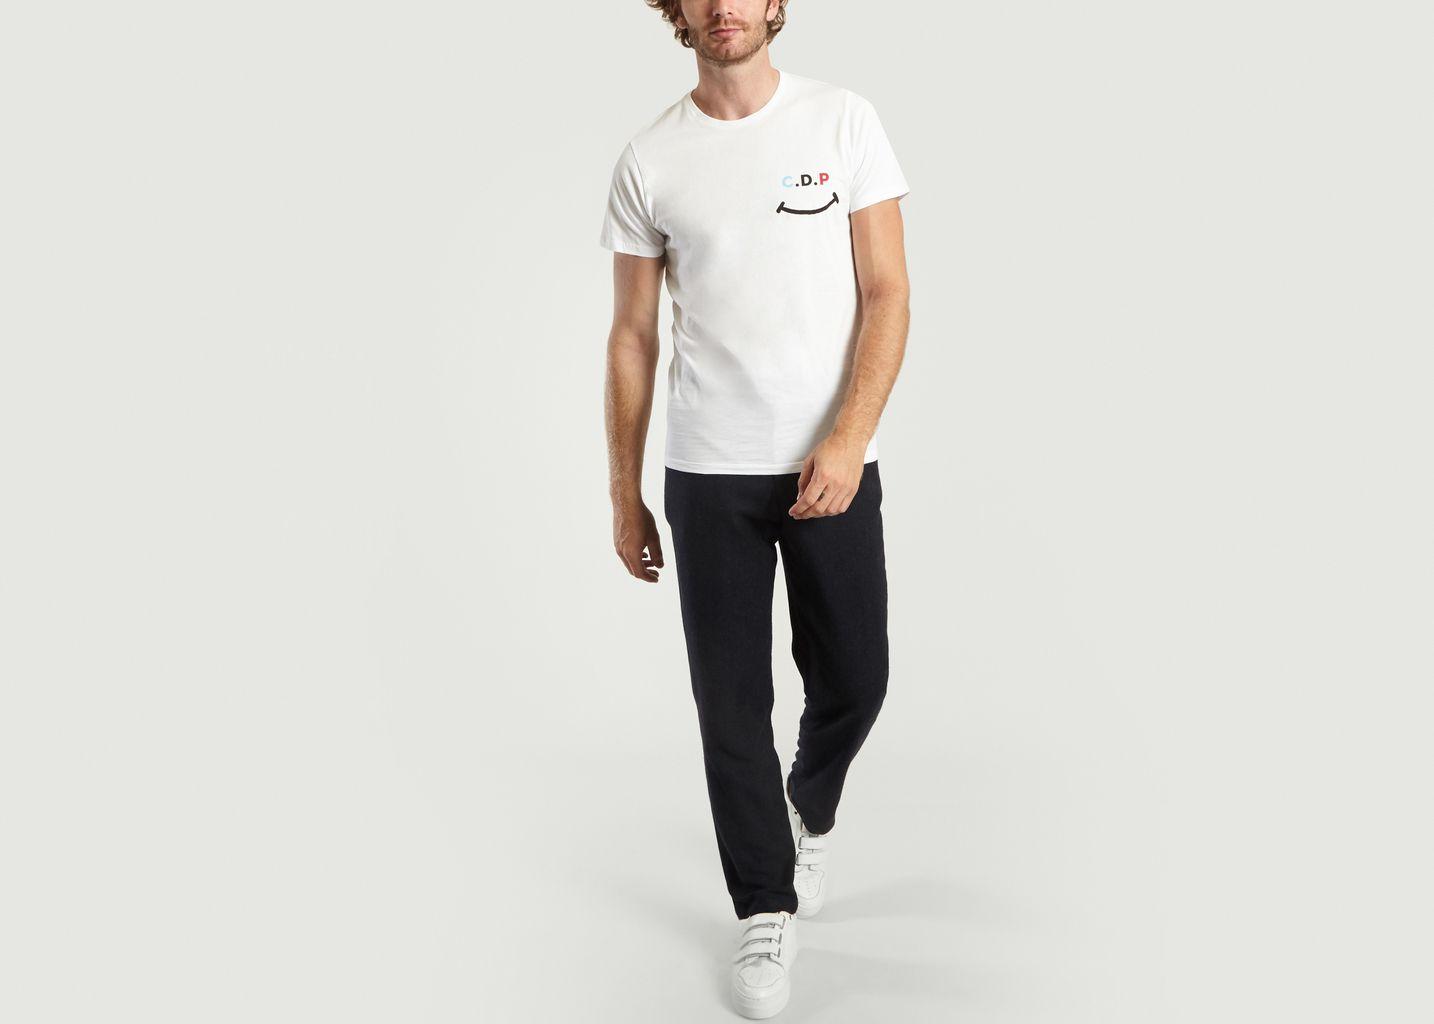 T-shirt Smile CDP - Commune de Paris